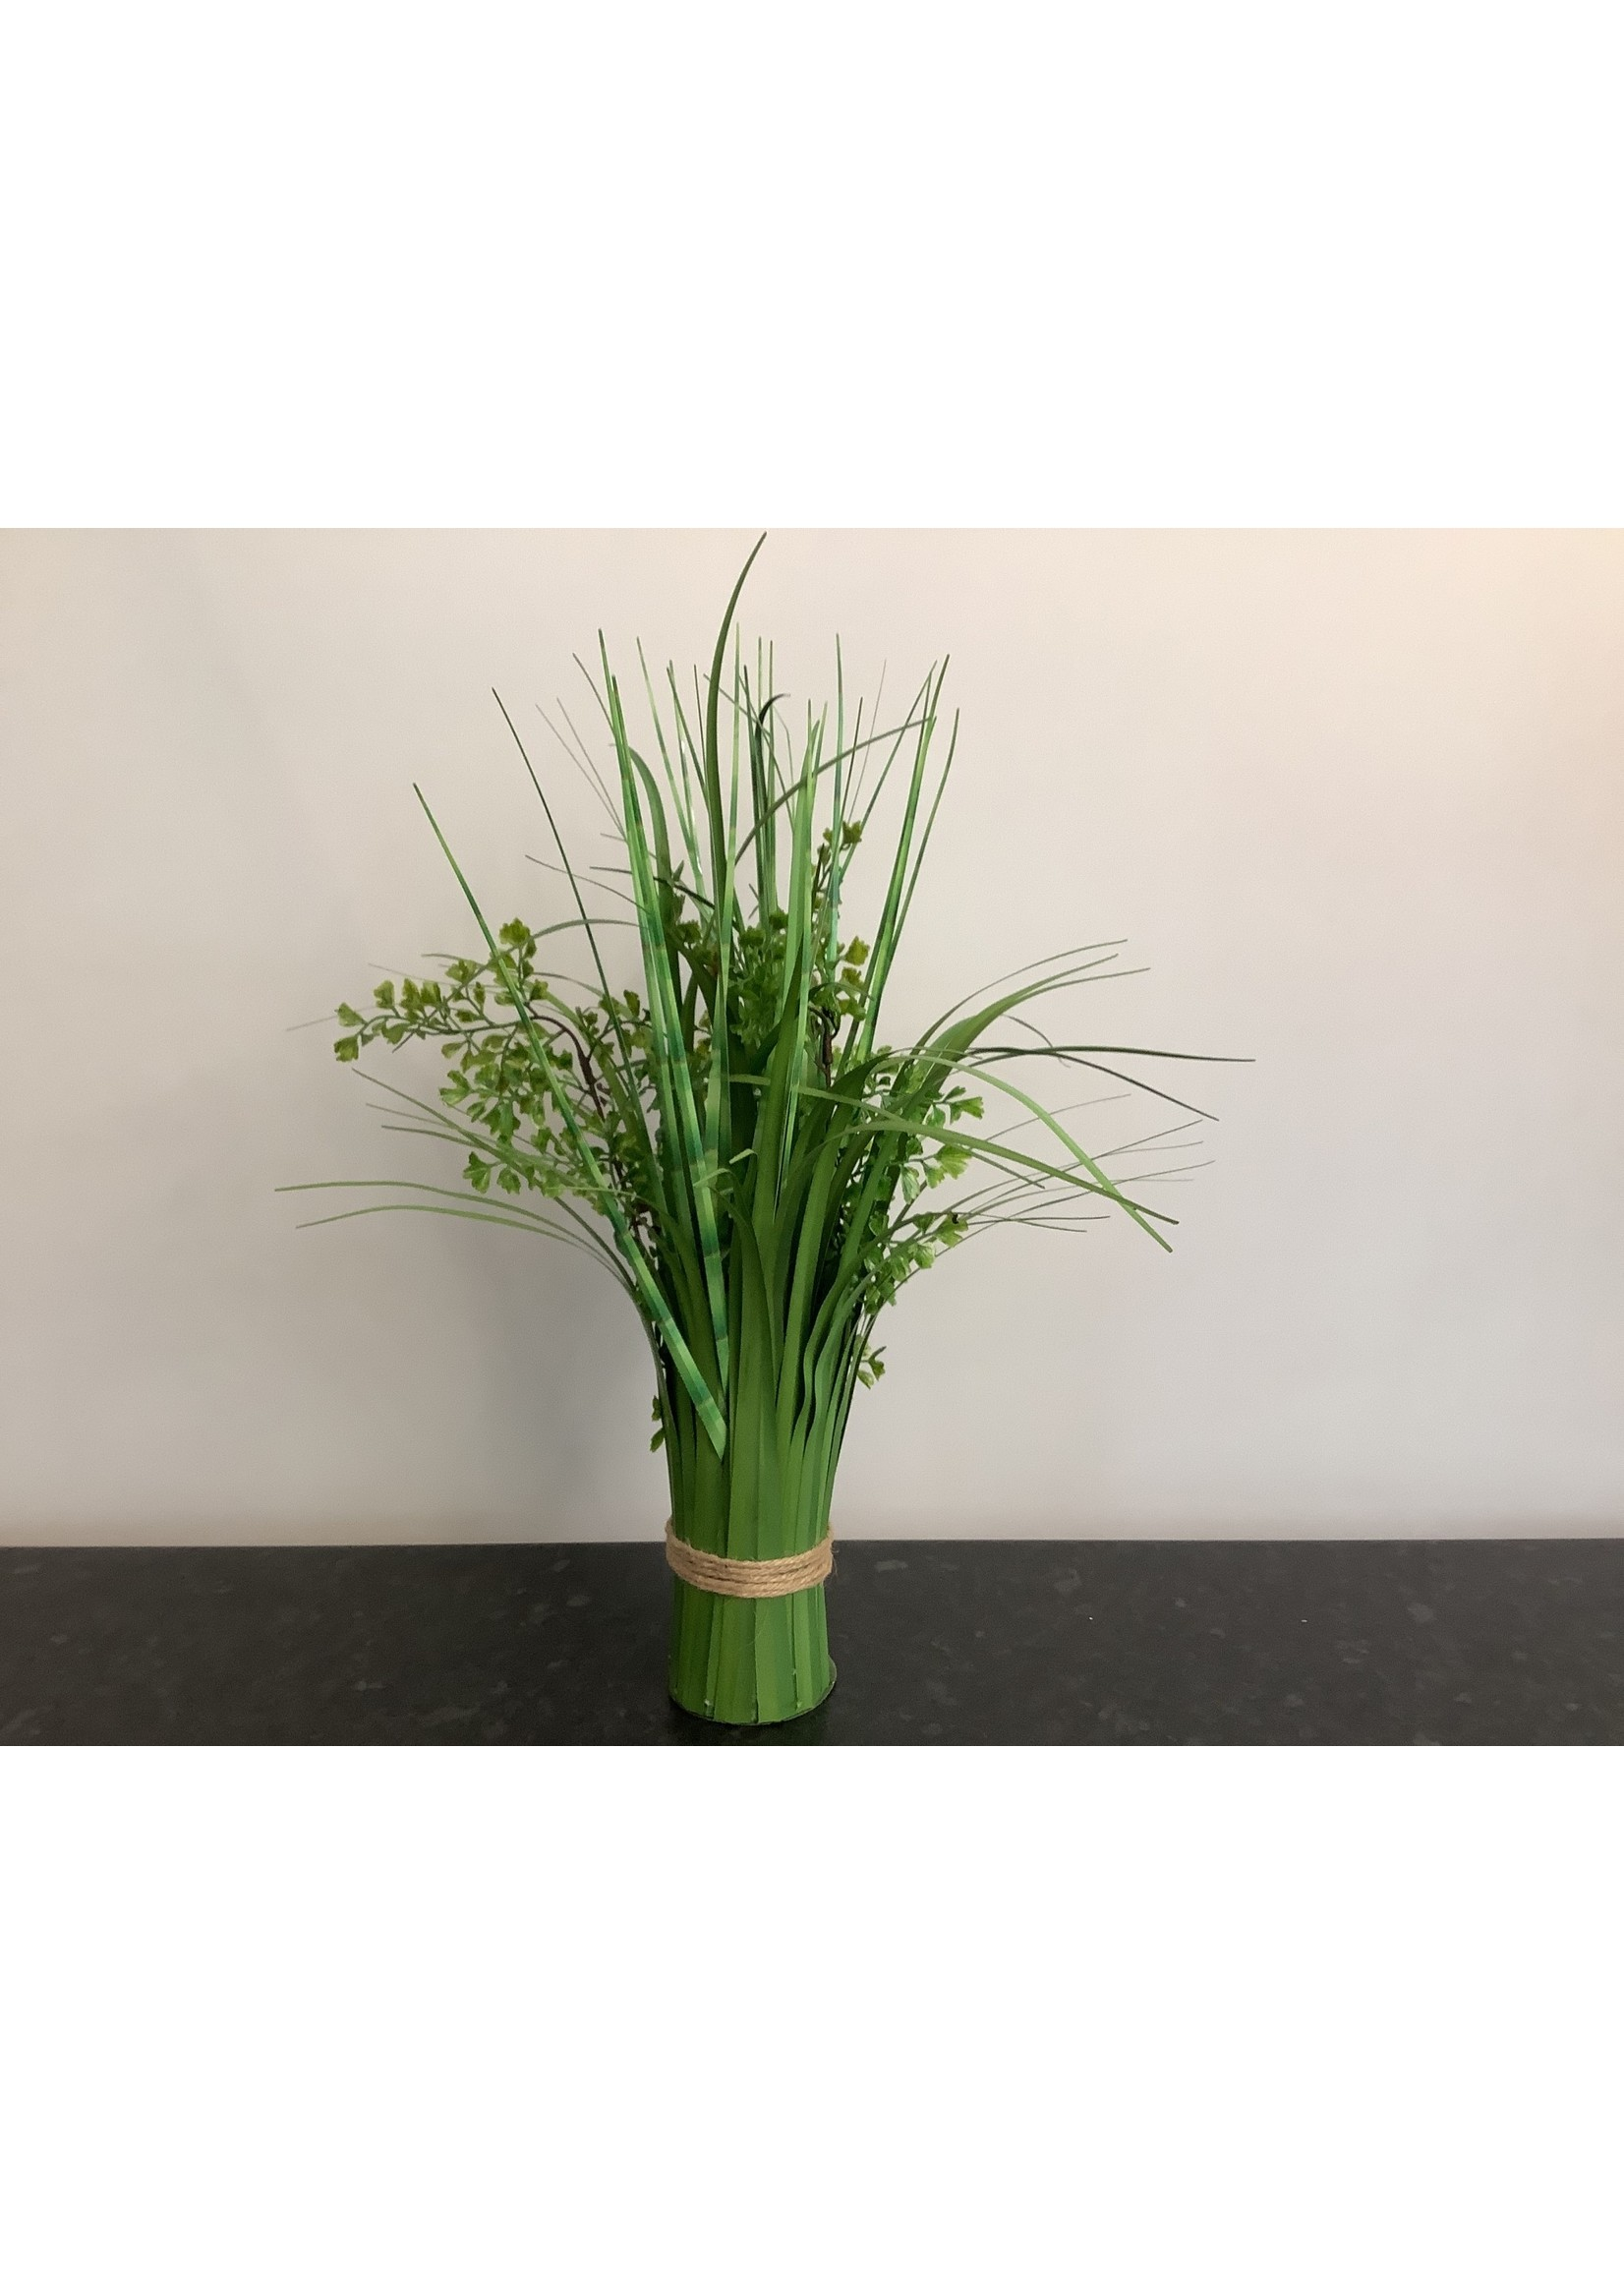 Artificial grass bundle 40cm tall